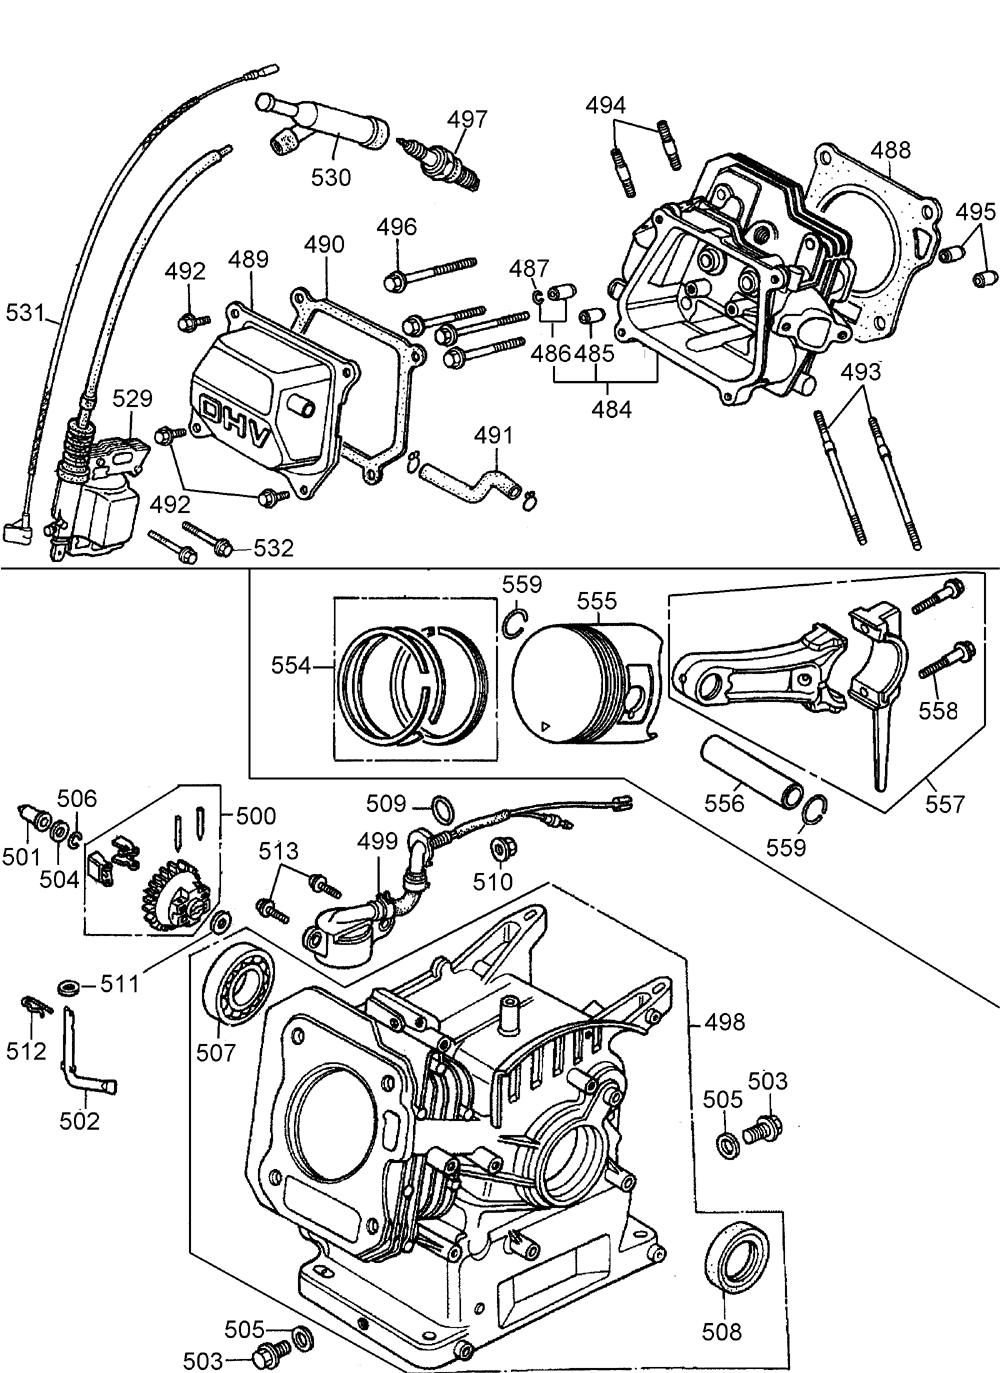 D55270-T3-Dewalt-PB-5Break Down